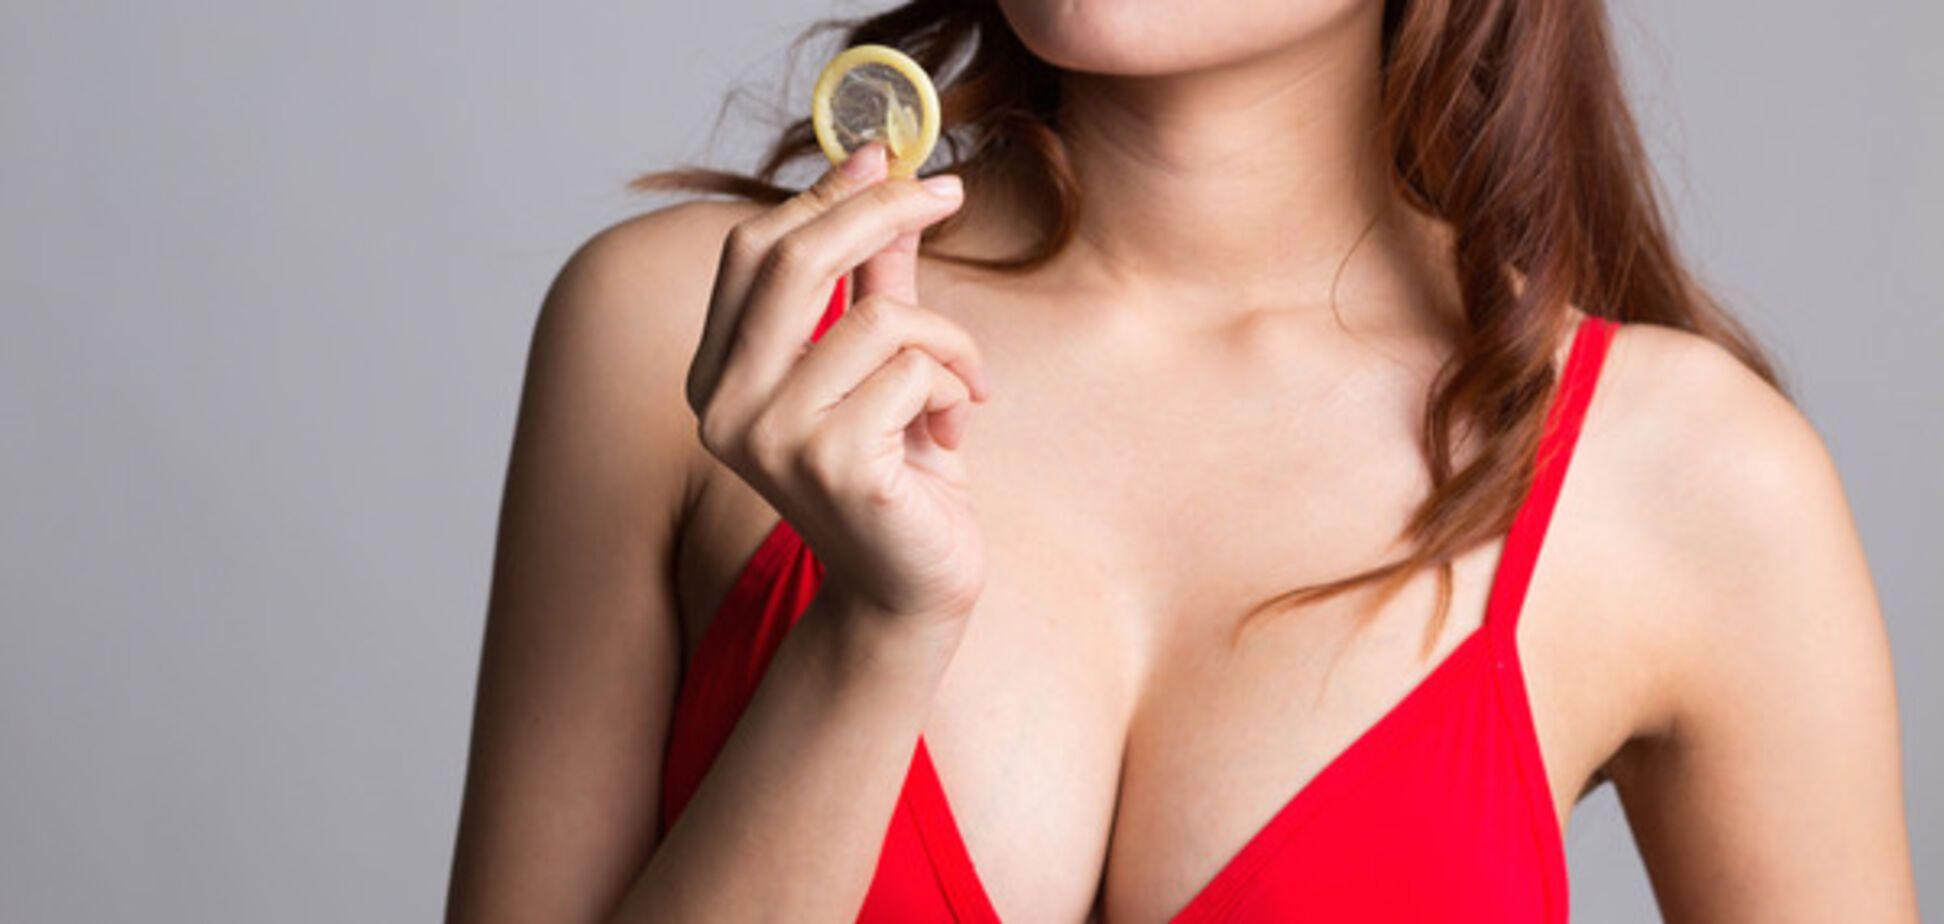 От каких инфекций не спасет презерватив?